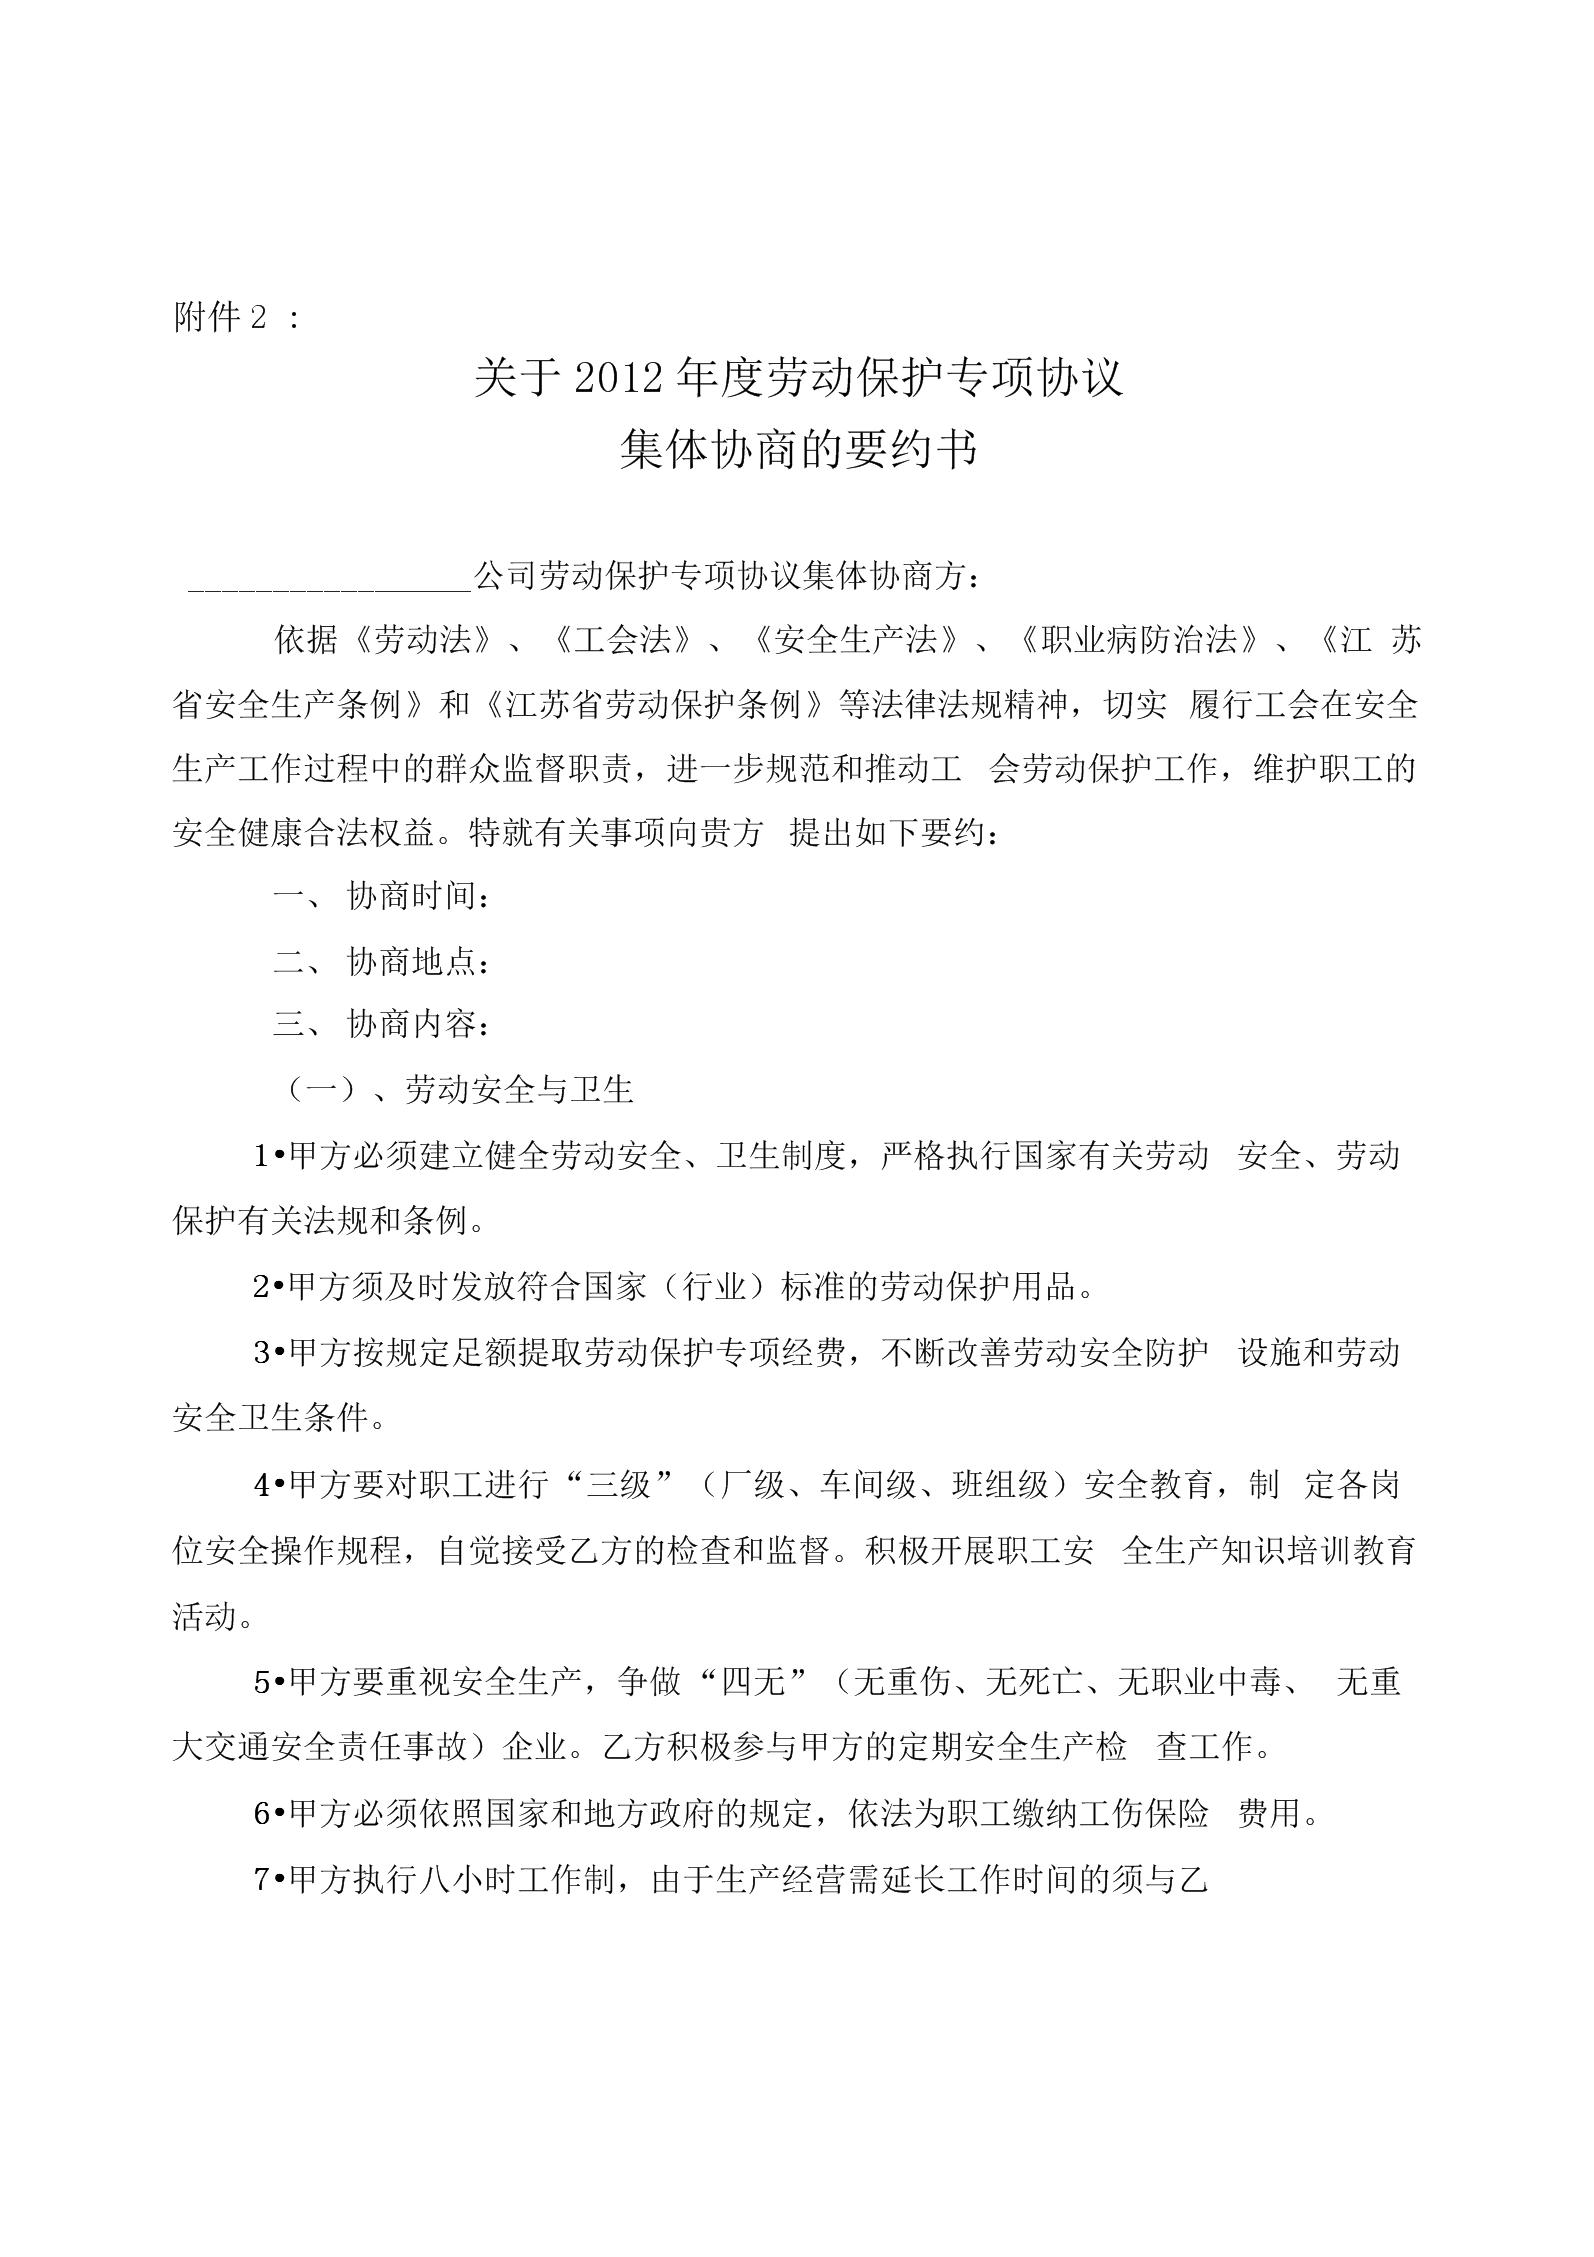 劳动保护专项协议.docx